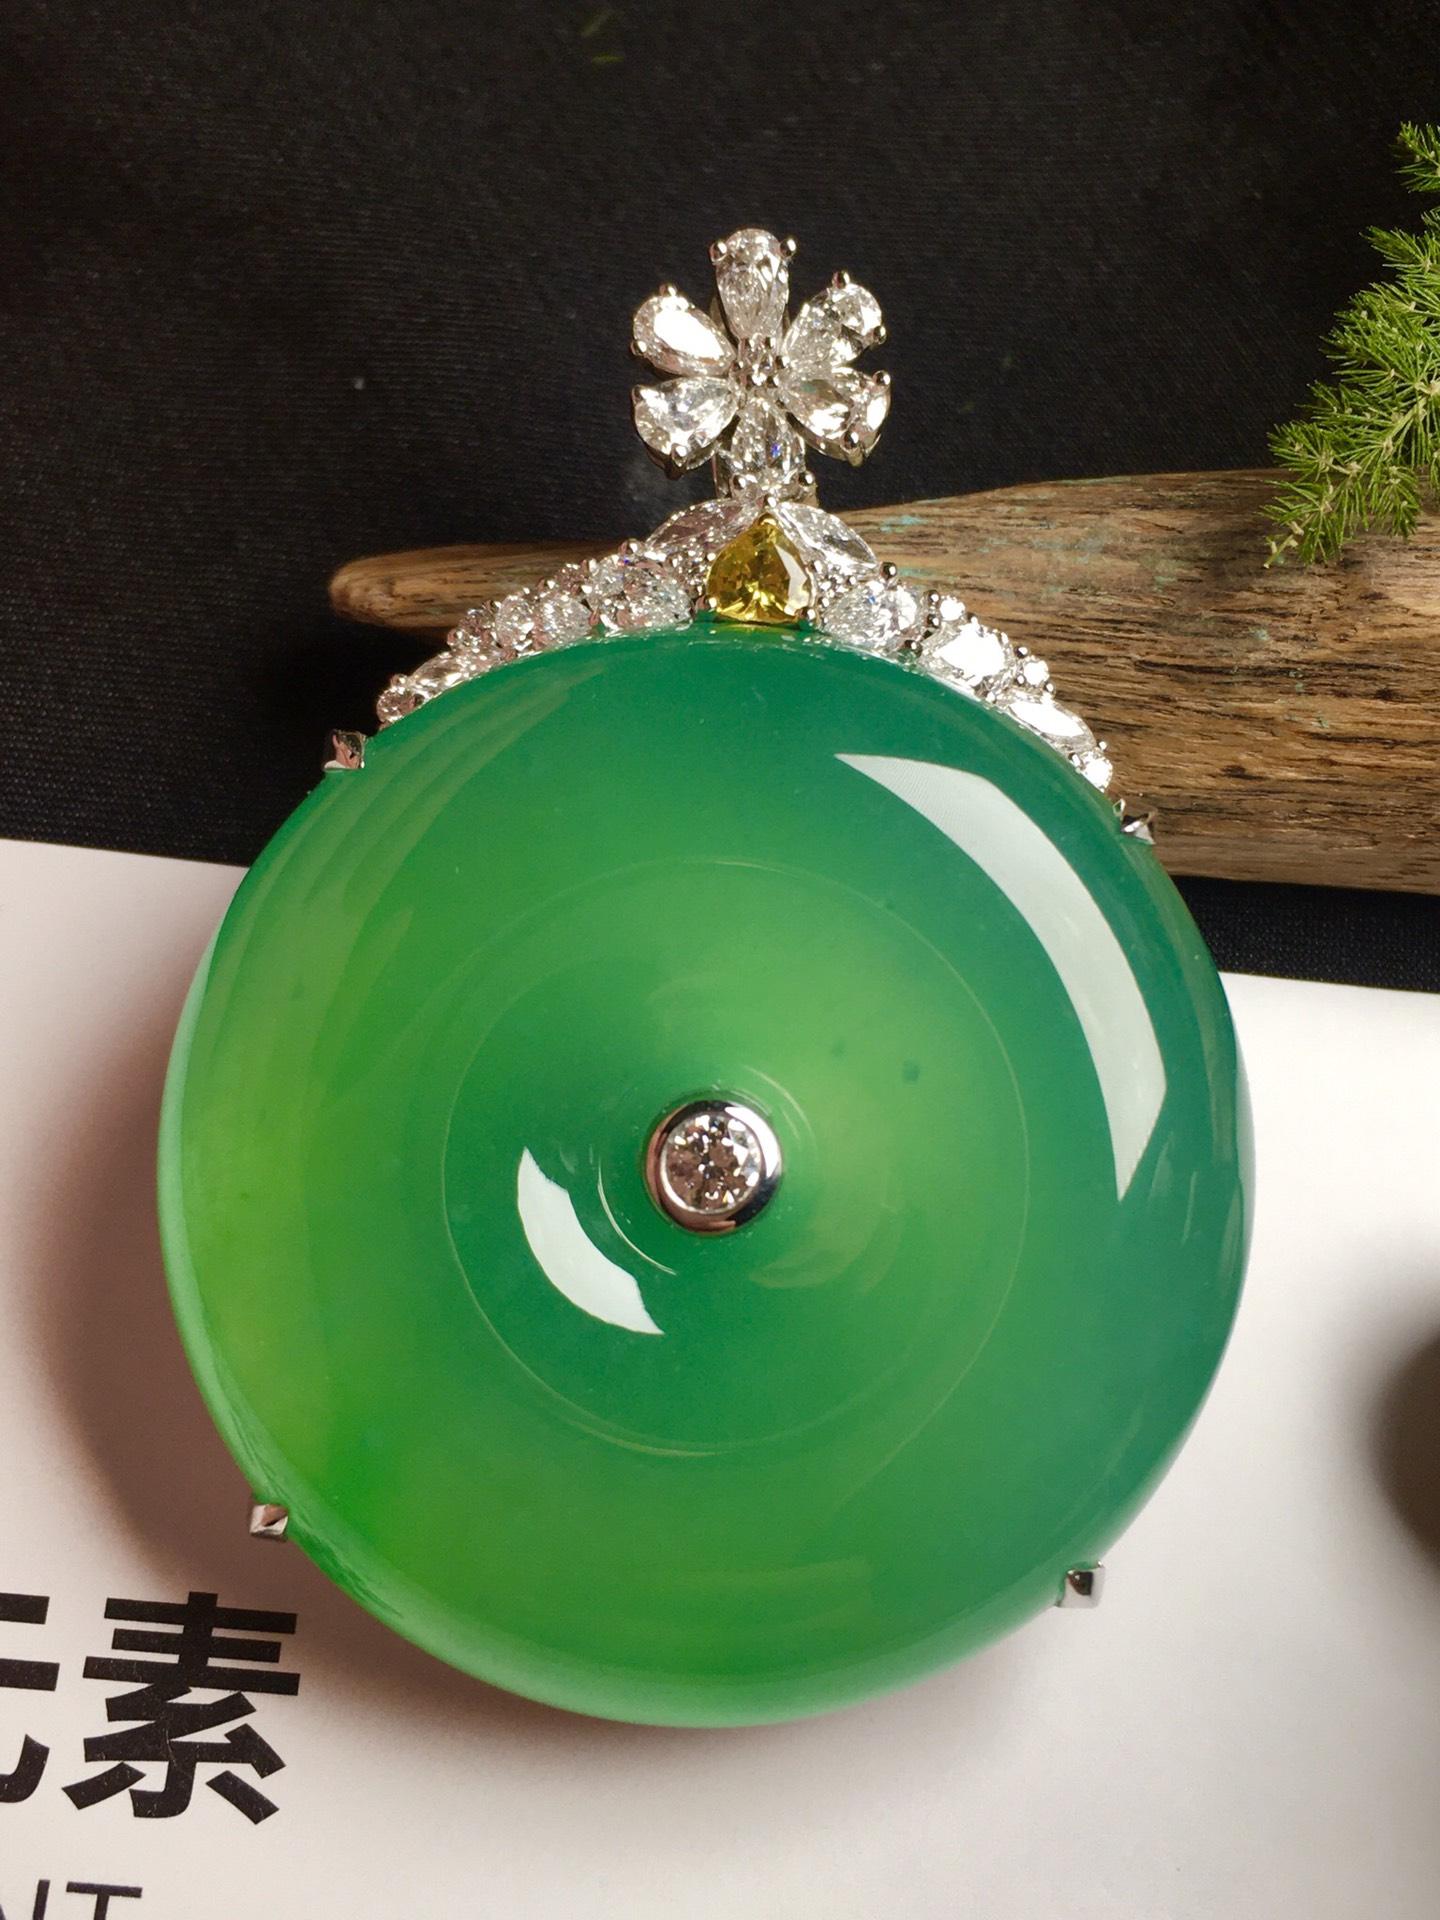 价:【平安扣,冰正阳绿】通透,润水细腻,完美,18k金华奢钻镶石嵌☕第5张